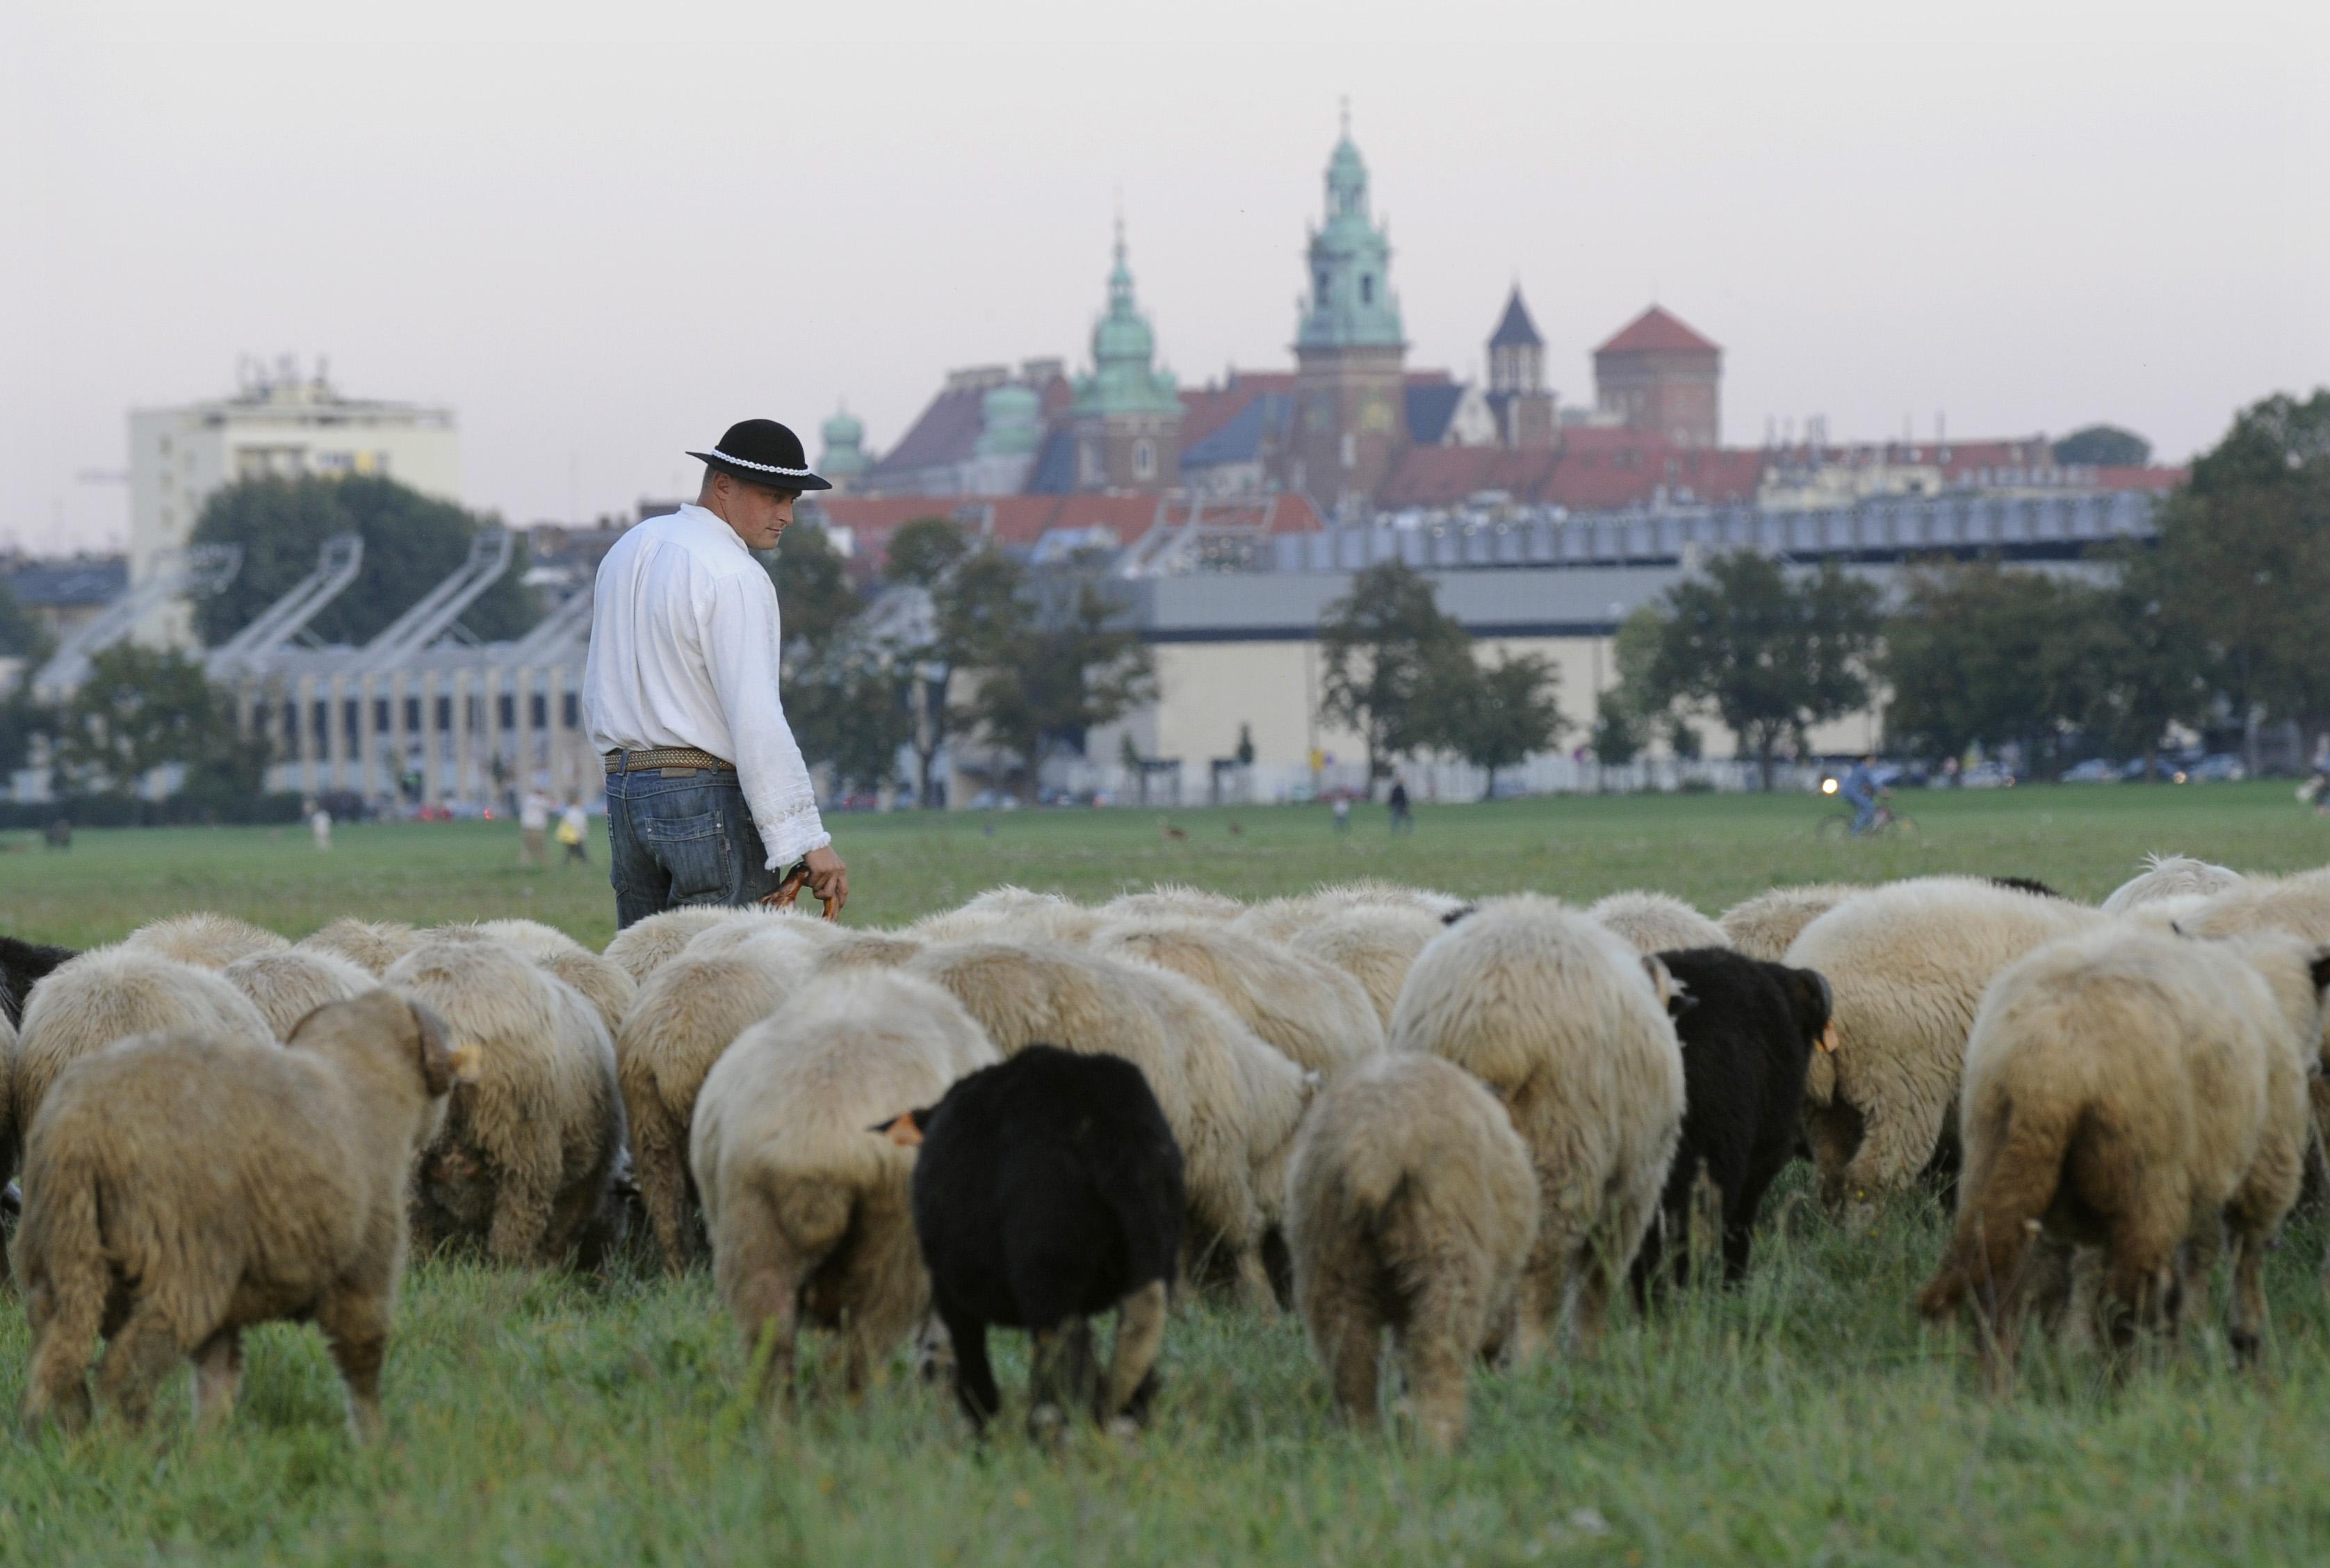 В окрестностях Кракова голландцев ждет настоящая идиллия